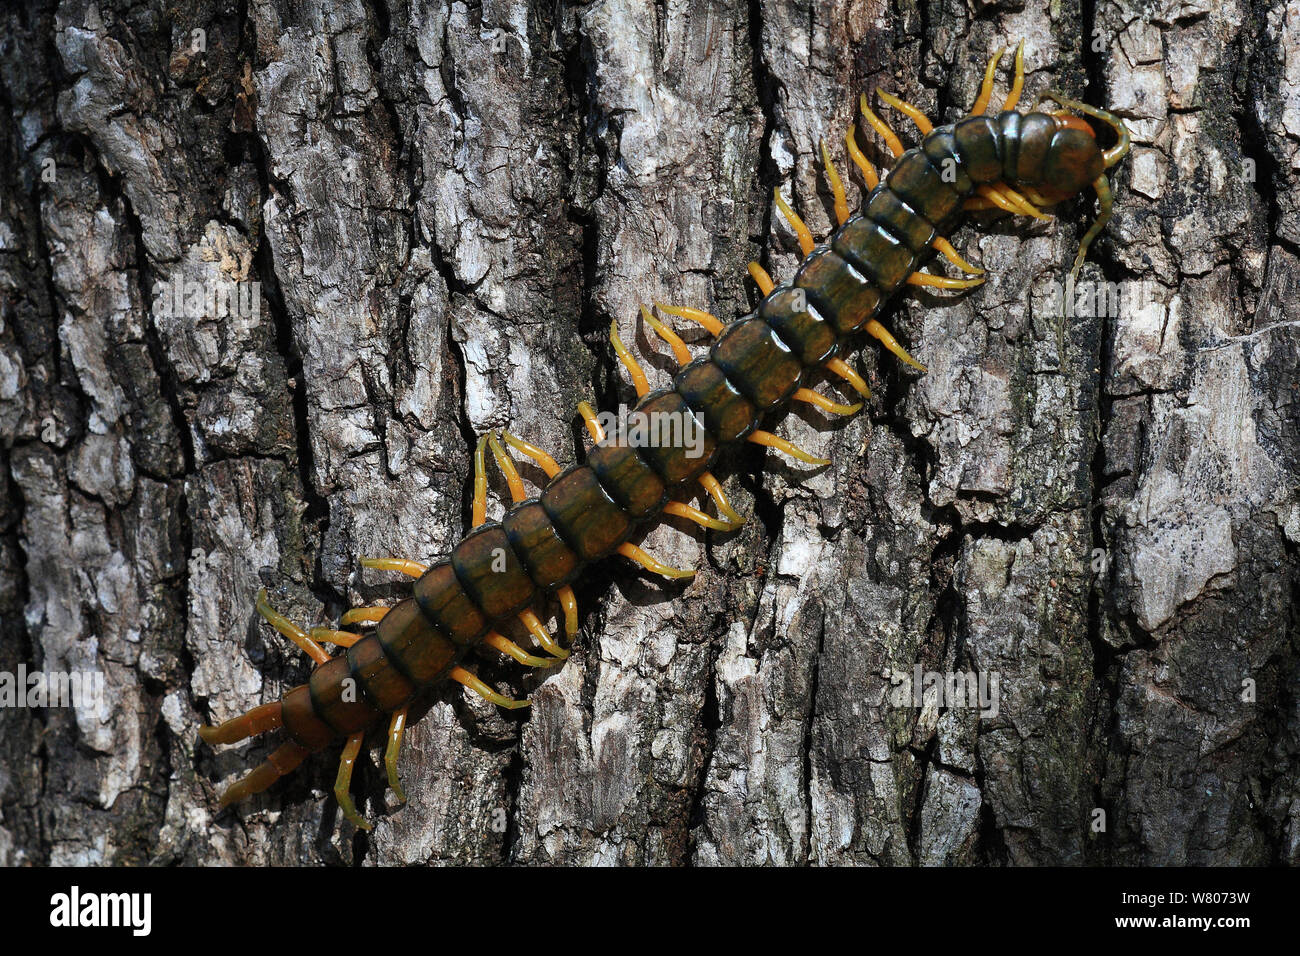 Scolopendra Centipede Stock Photos & Scolopendra Centipede